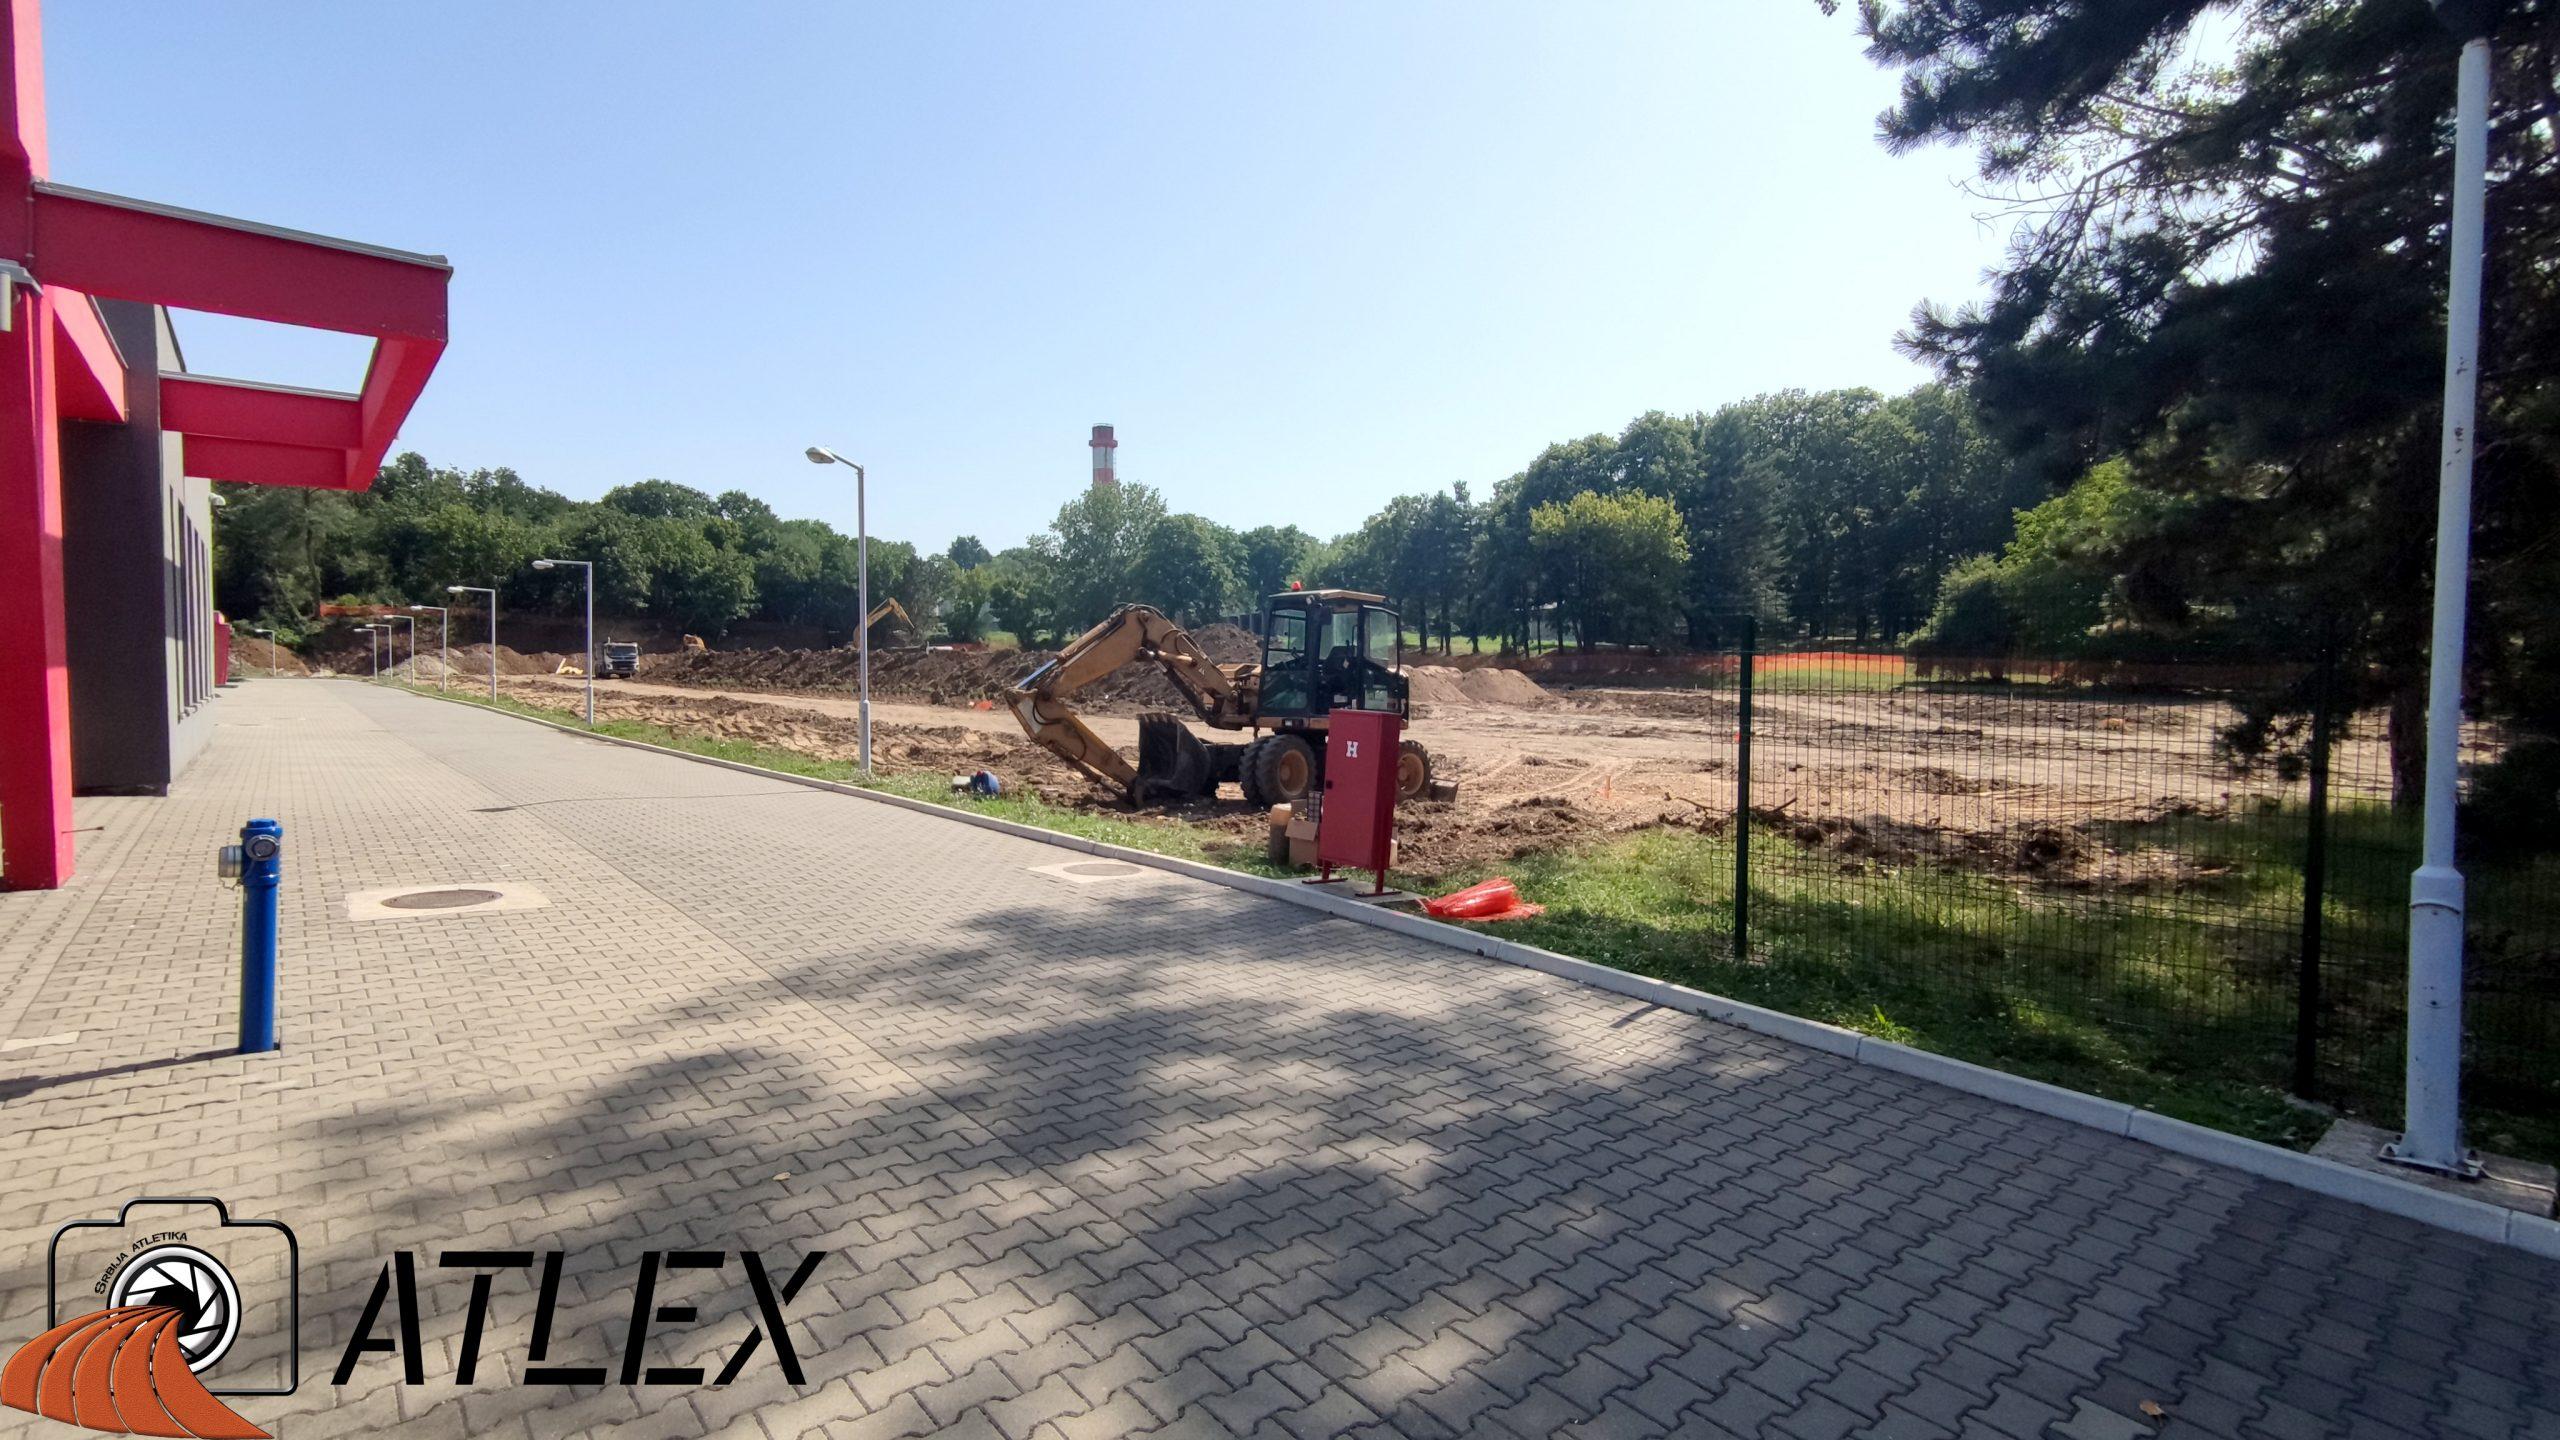 Izgradnja atletskog stadiona pored dvorane - 29.07.2021